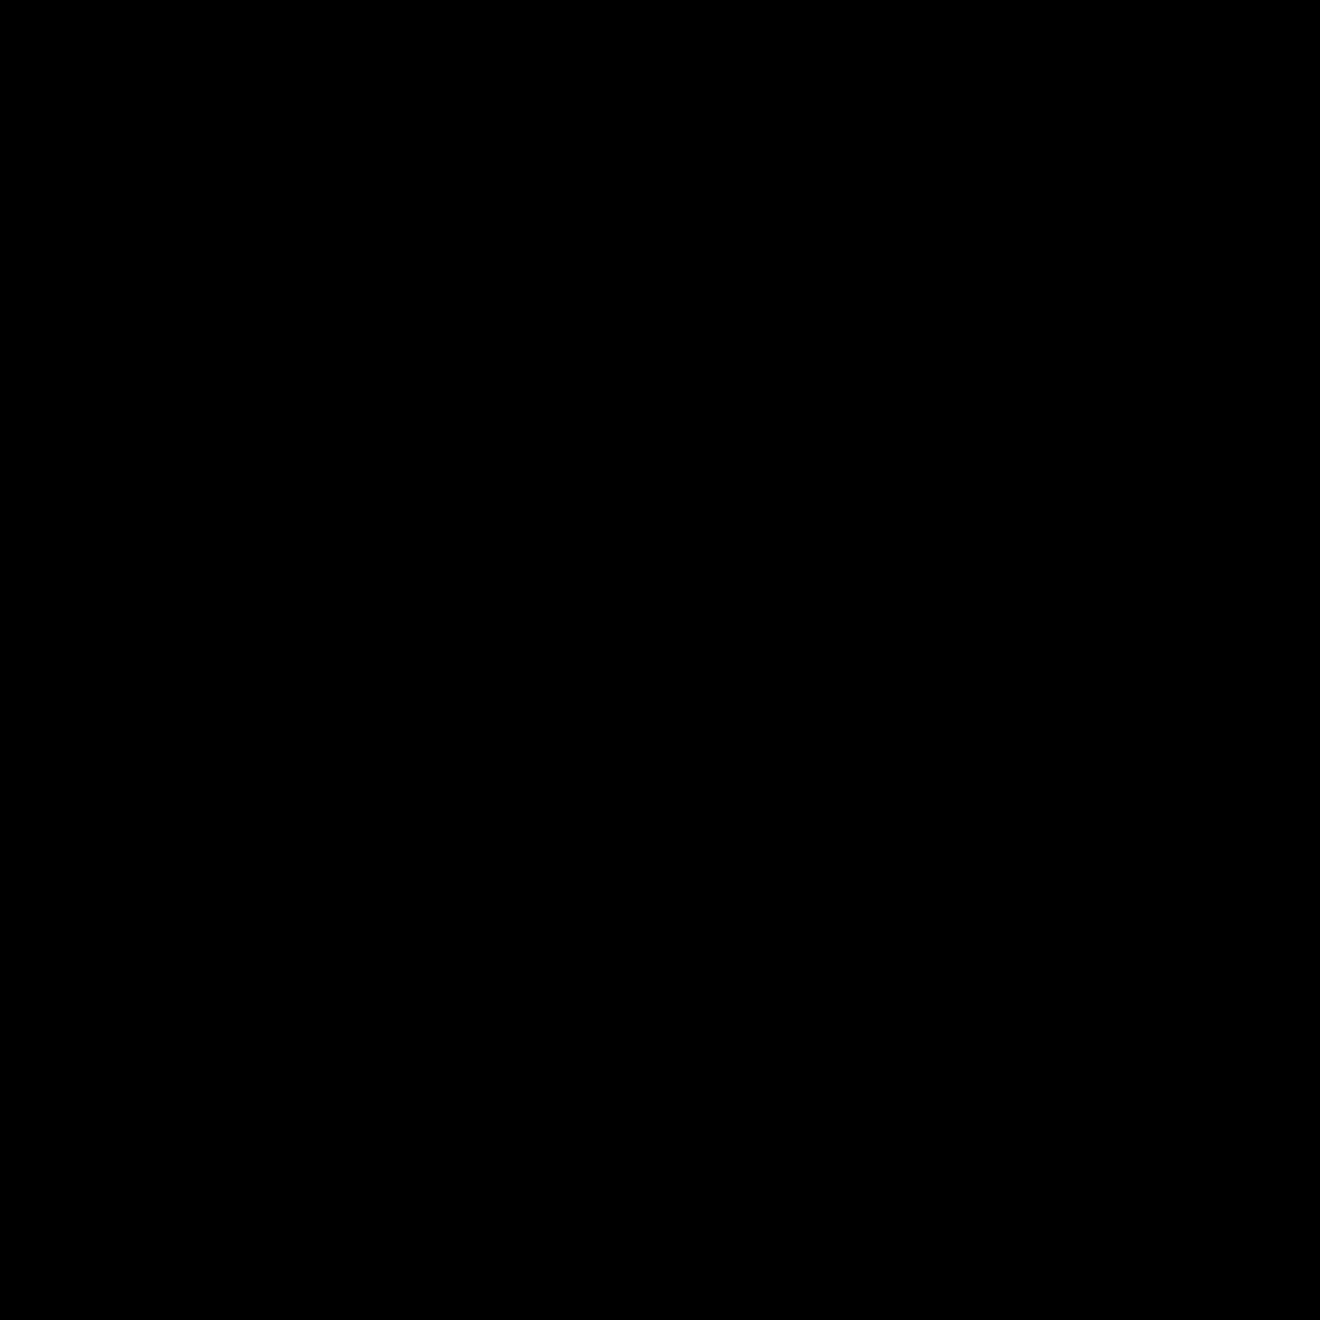 logo-bttf